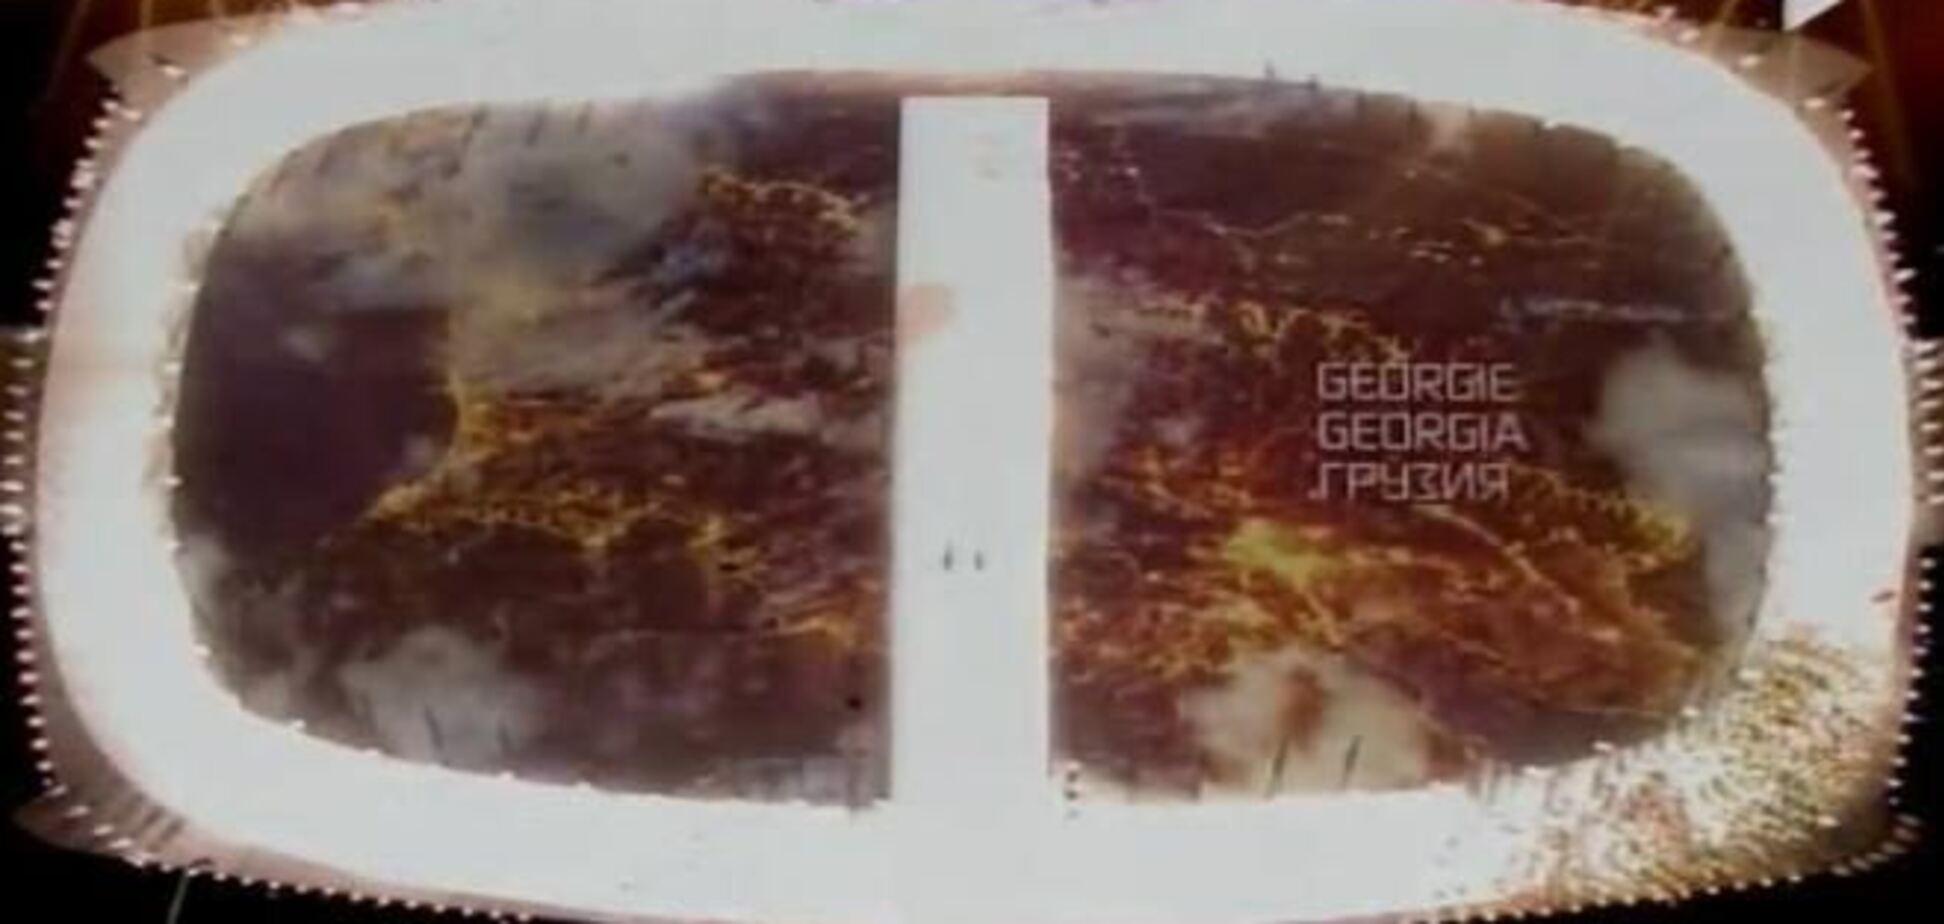 Опозиція Грузії незадоволена показаної в Сочі 'олімпійської картою' країни